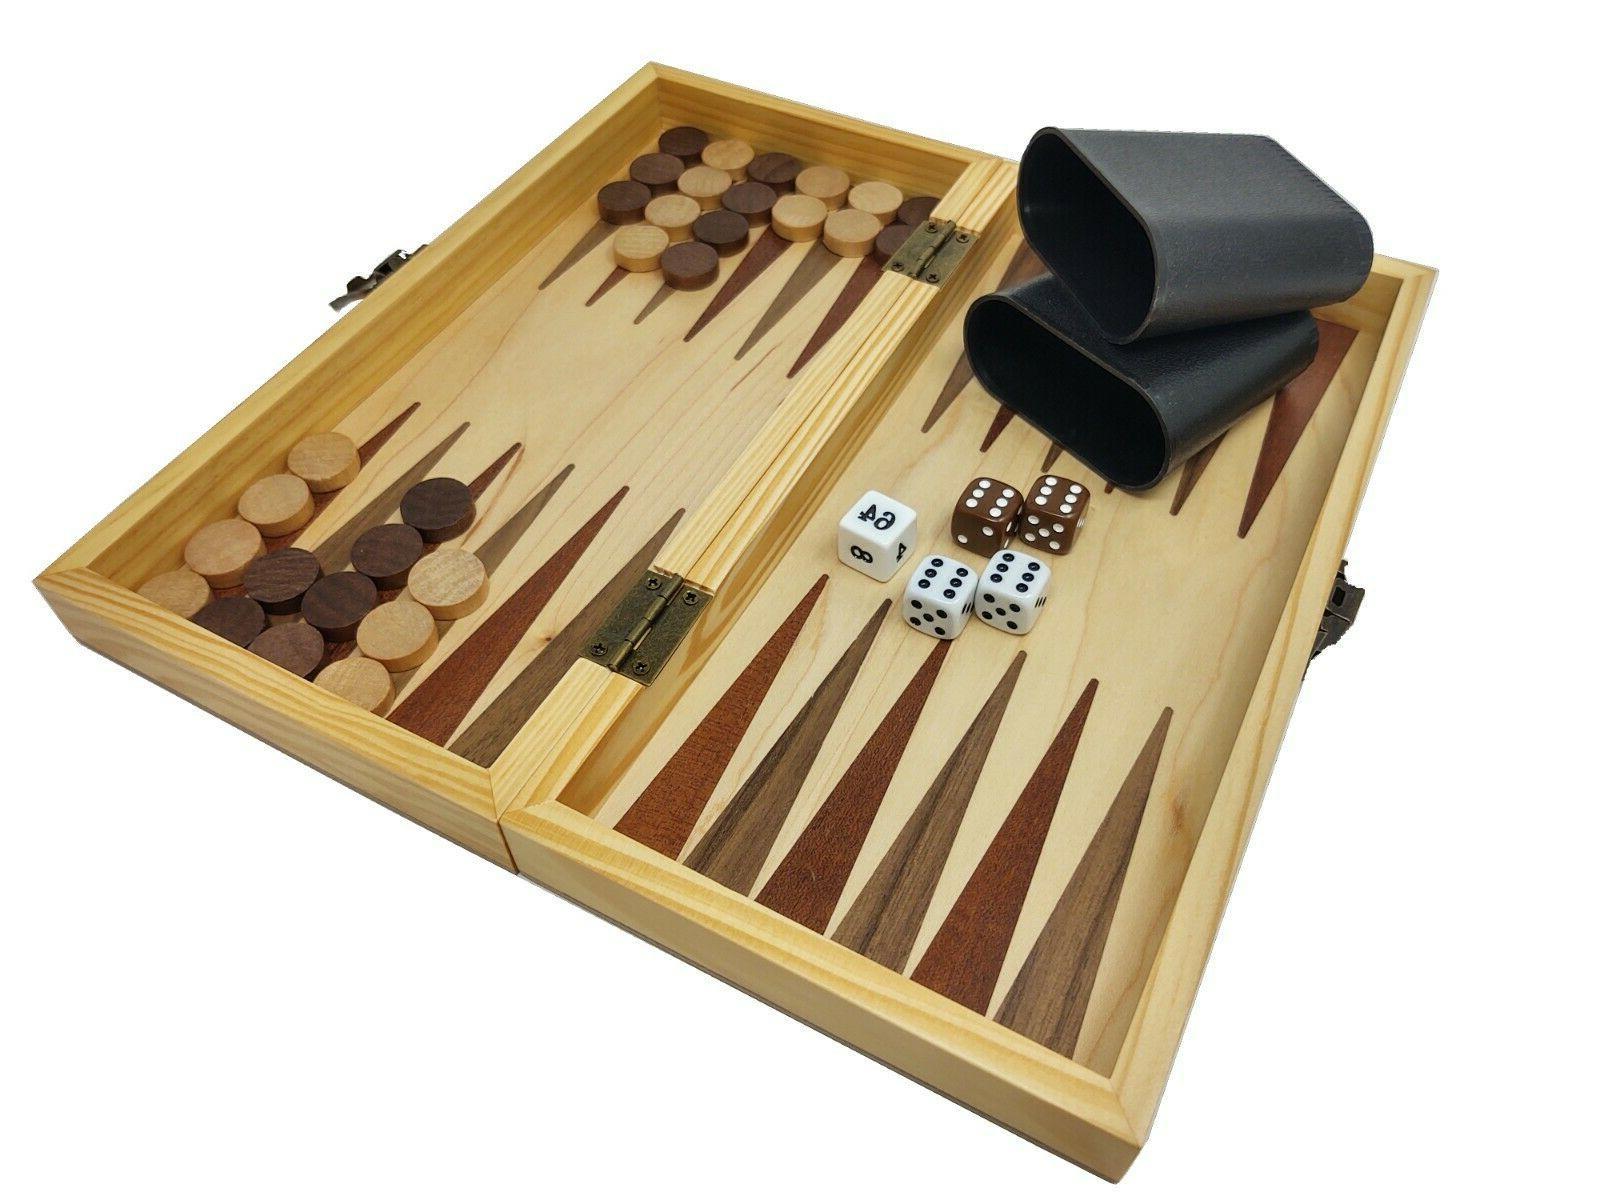 DA VINCI Combination Chess, Checkers, and Backgammon